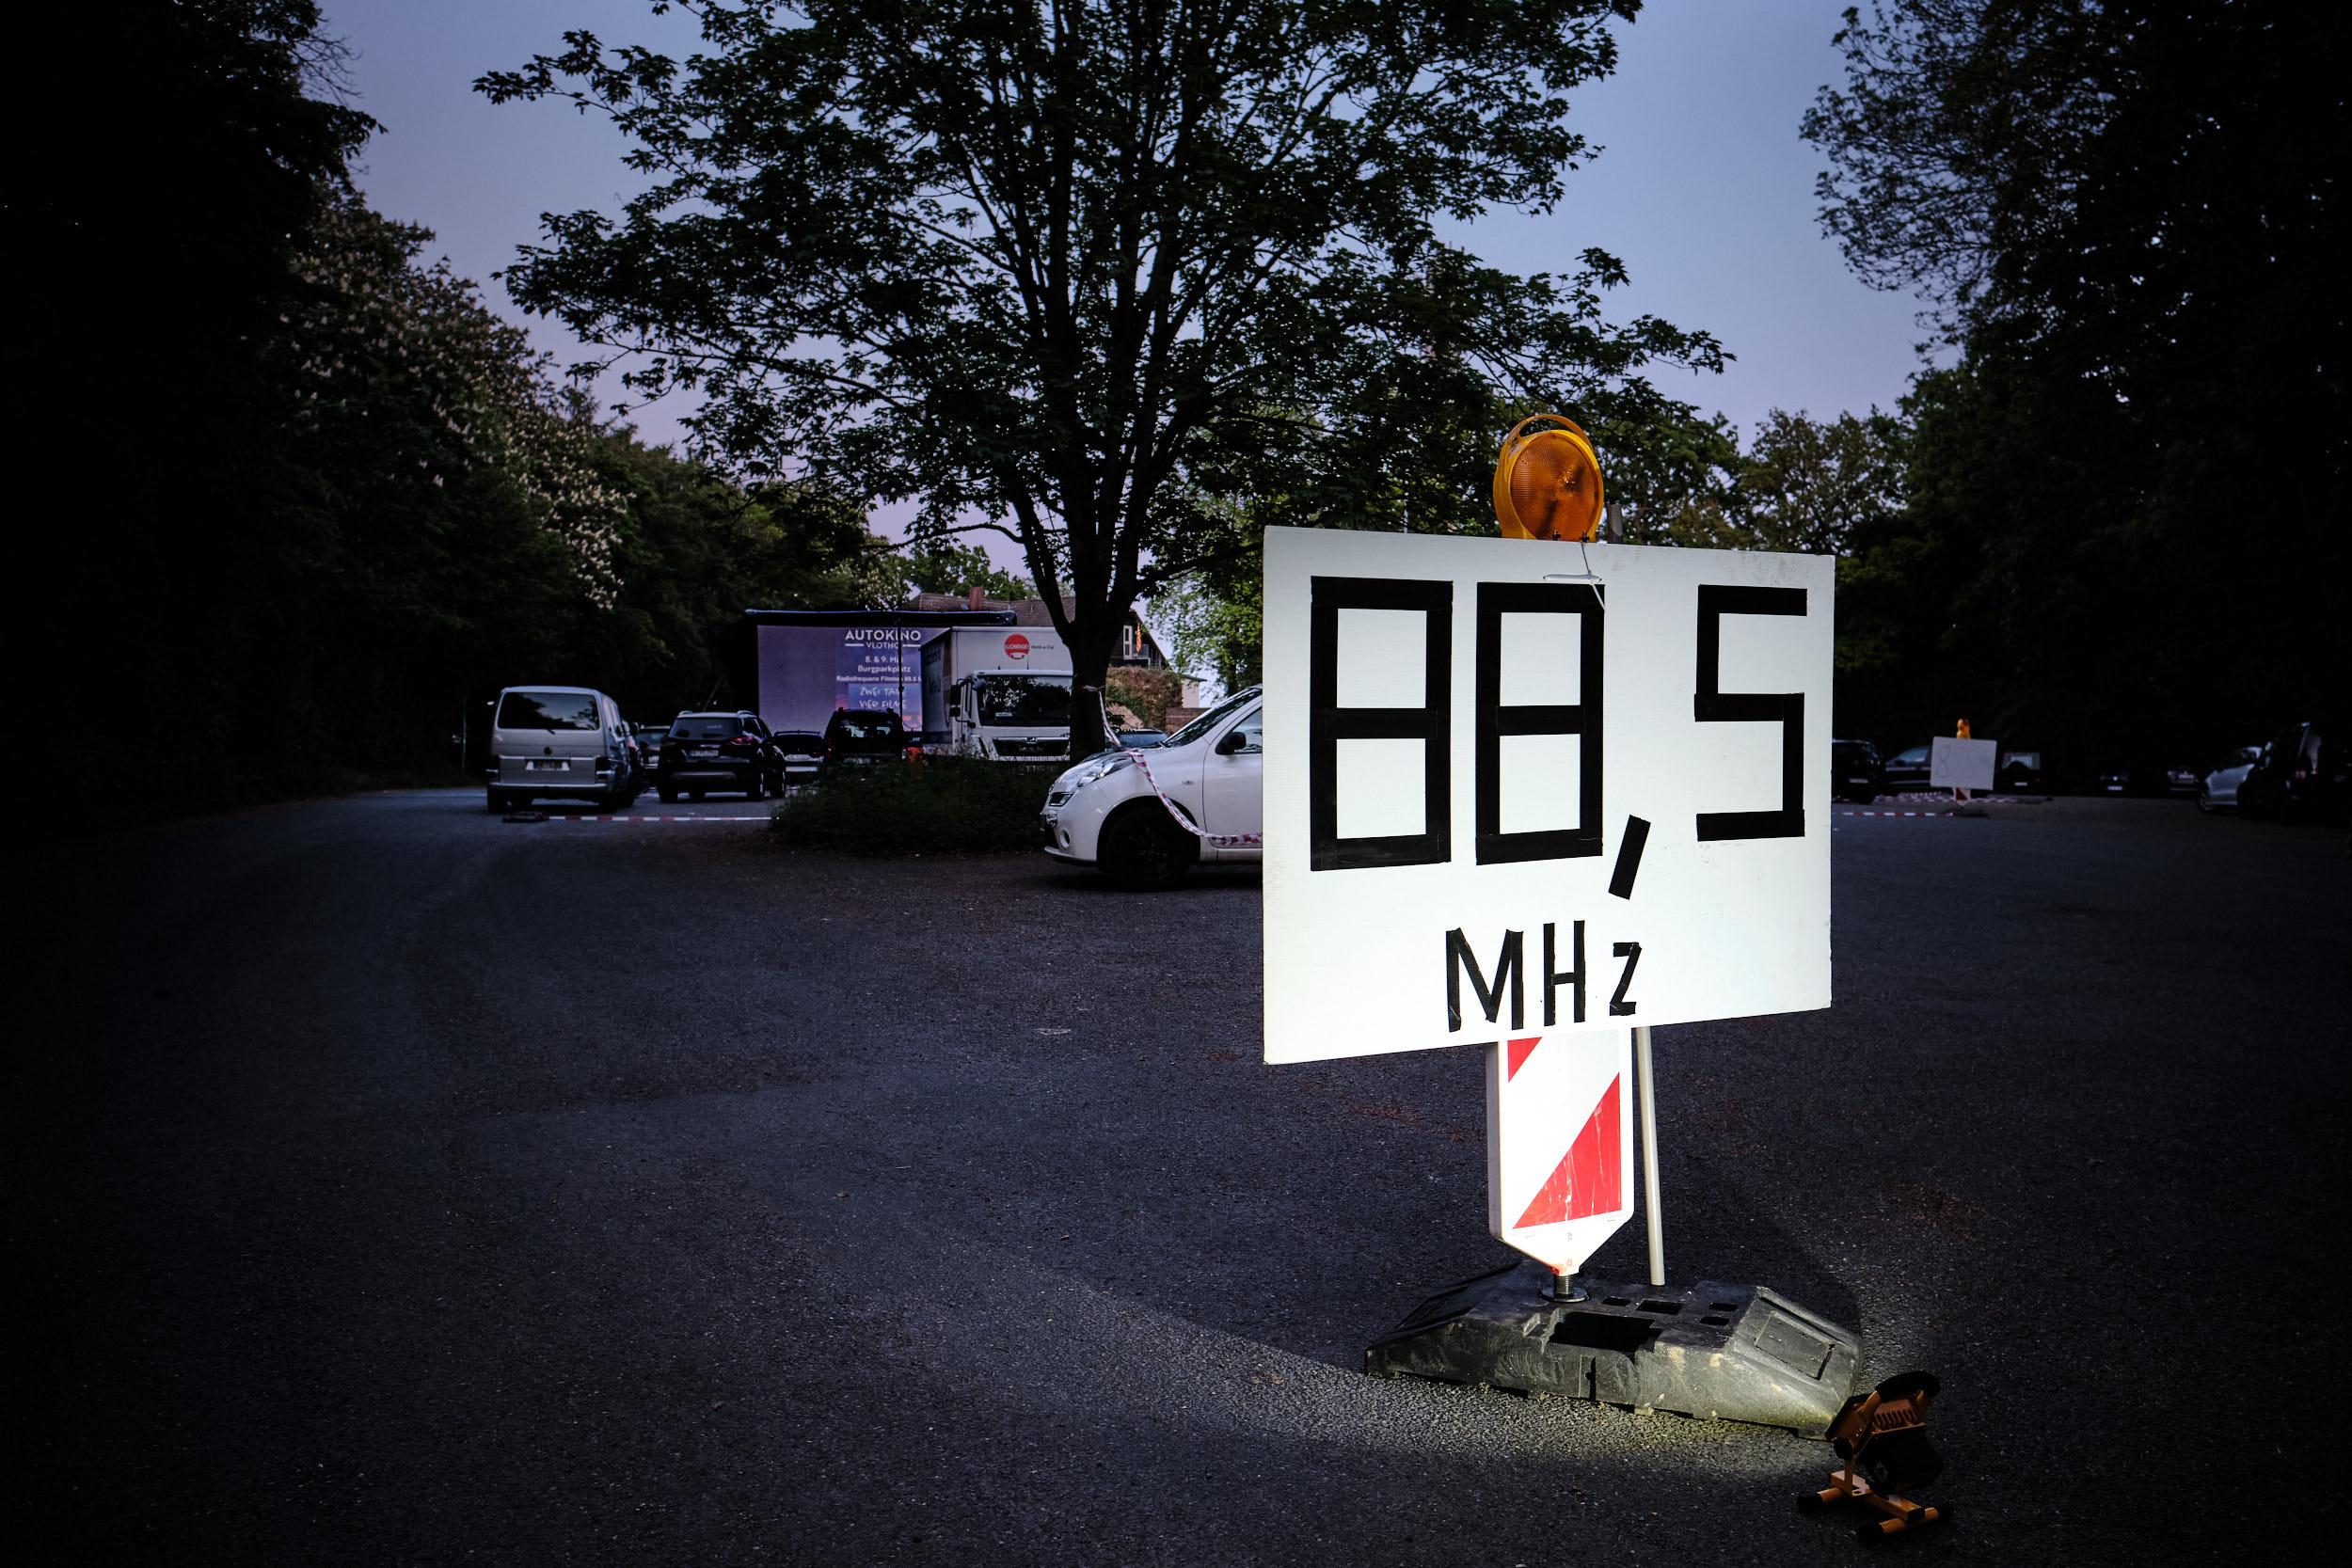 Frequenzanzeige beim Autokino Vlotho Burg 2020